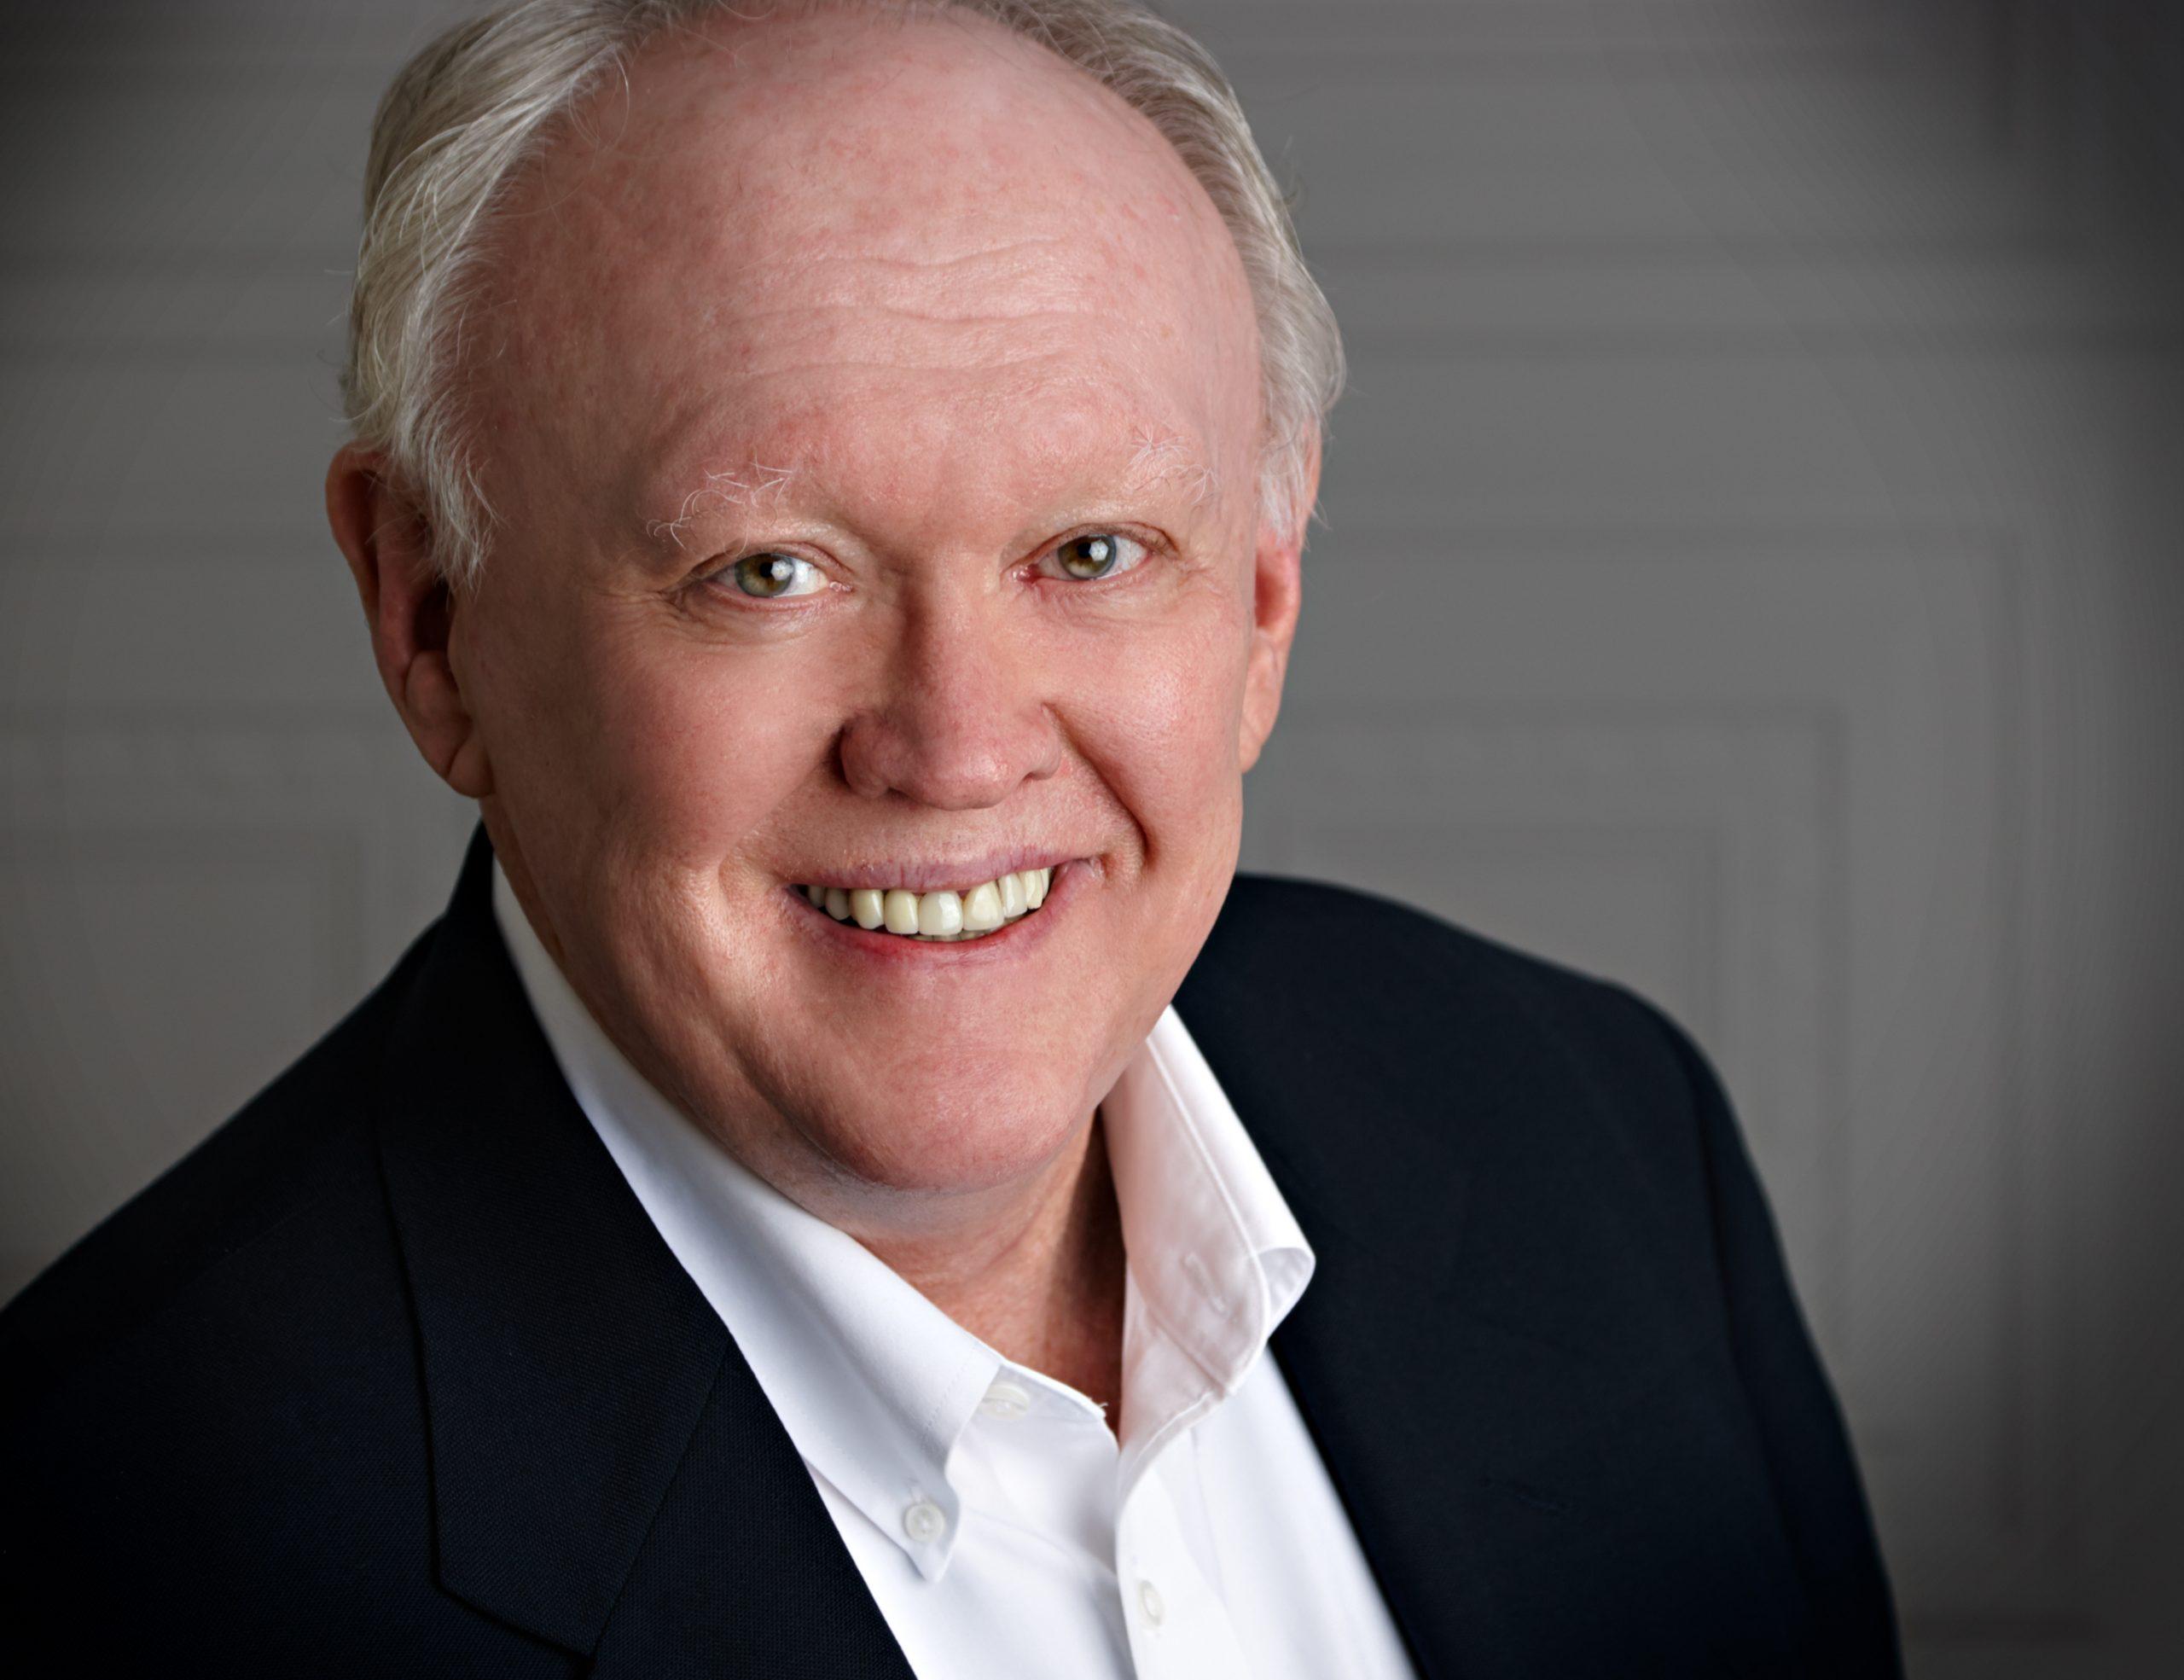 Ed Thomas, LPCC